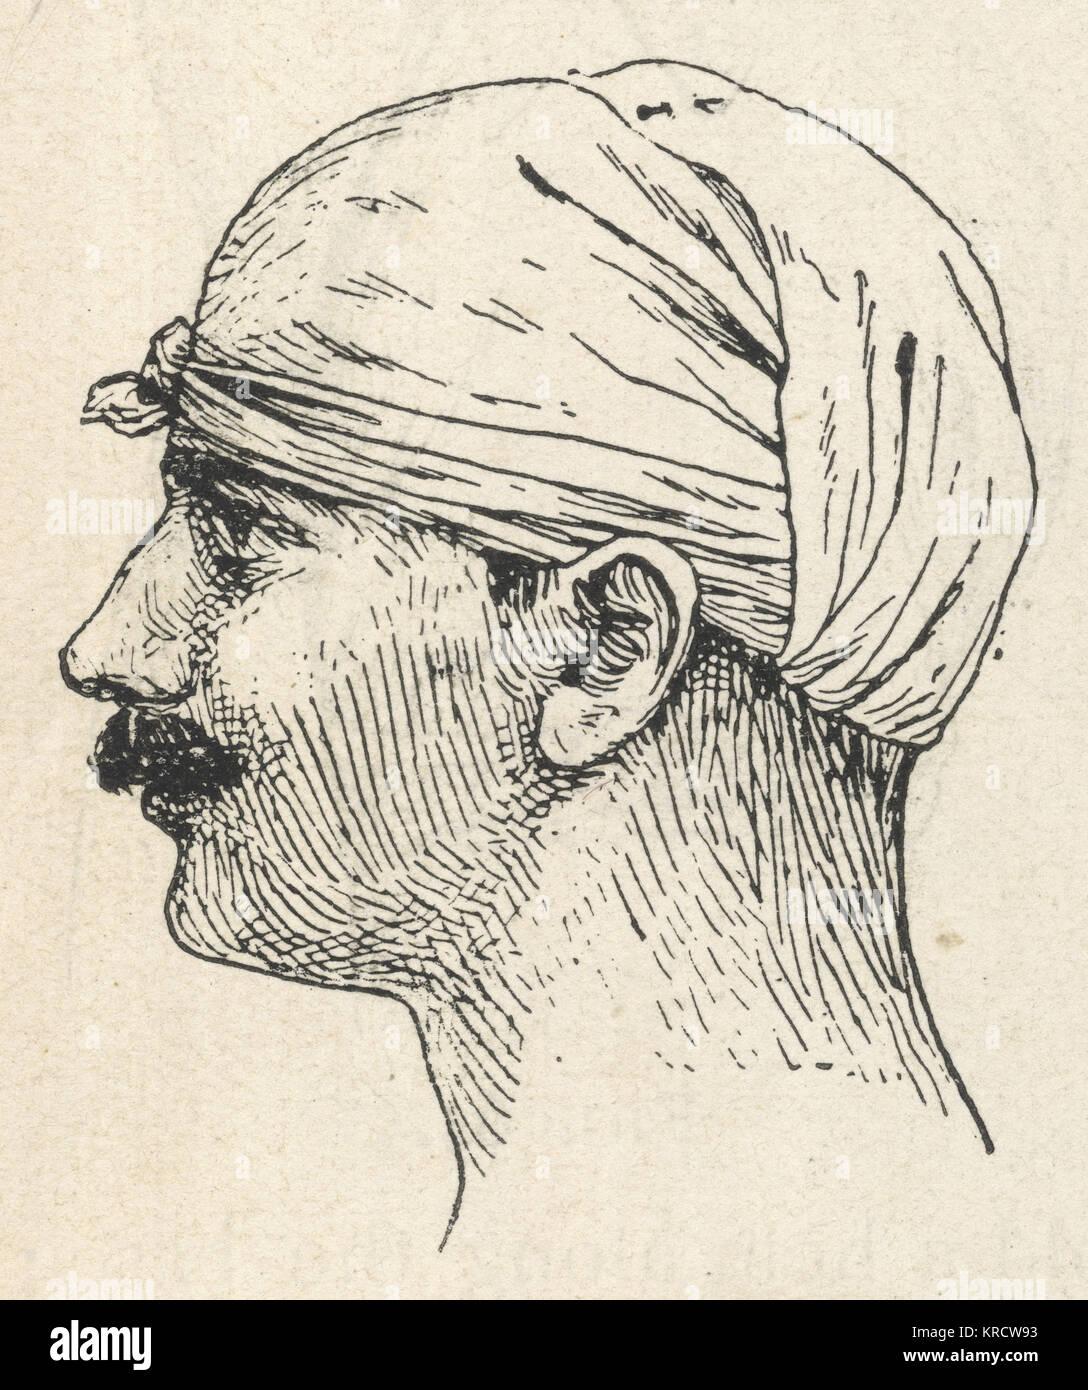 Erste Hilfe, dreieckige Esmarch die Bandage angewandt auf die Kopfhaut eine Wunde zu kleiden, Verbrennen oder Verbrühen. Stockbild